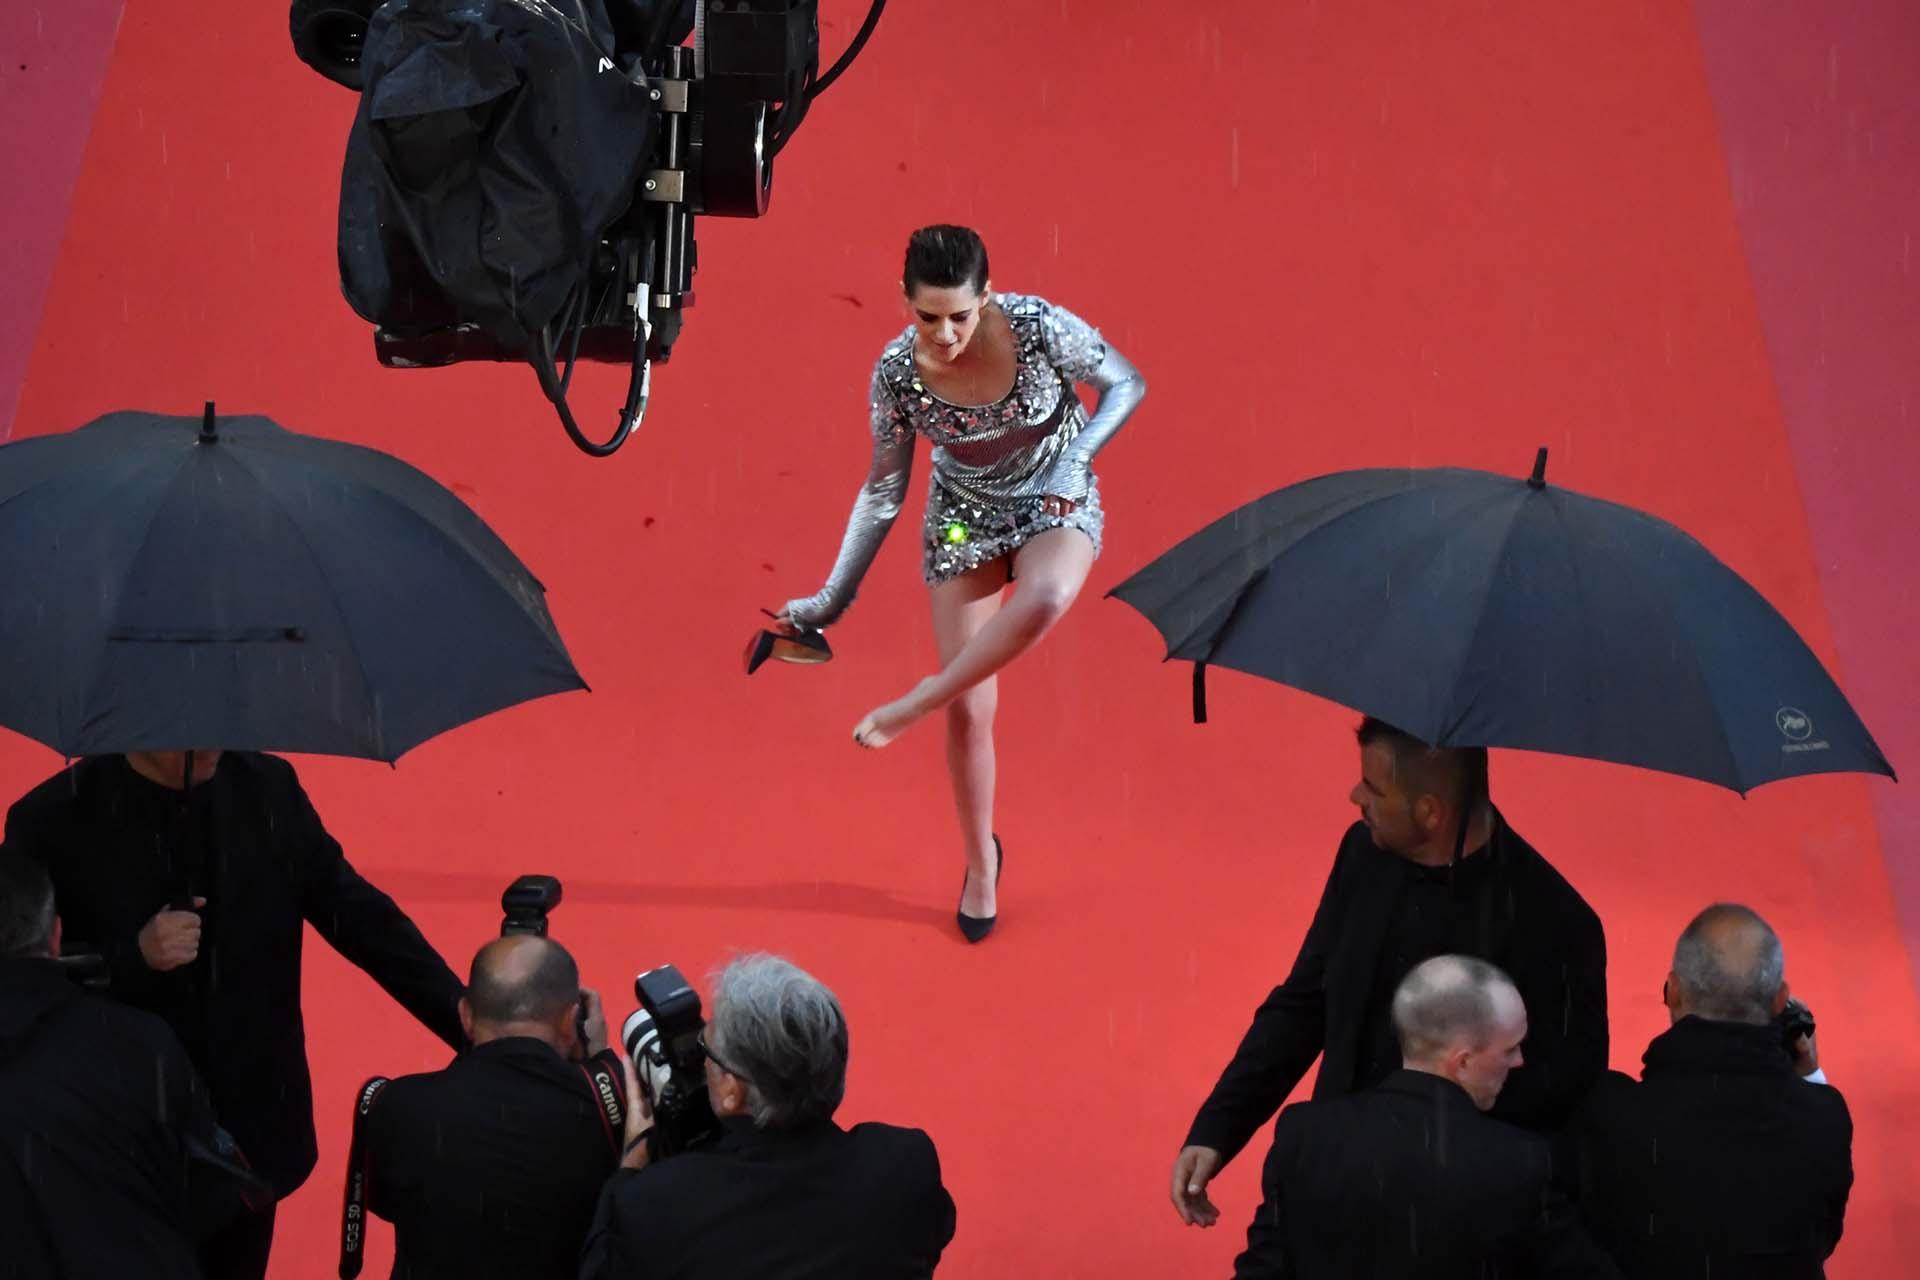 La actriz estadounidense Kristen Stewart se quita un zapato en la alfombra roja al llegar a la 71.ª edición del festival de Cannes el 14 de mayo